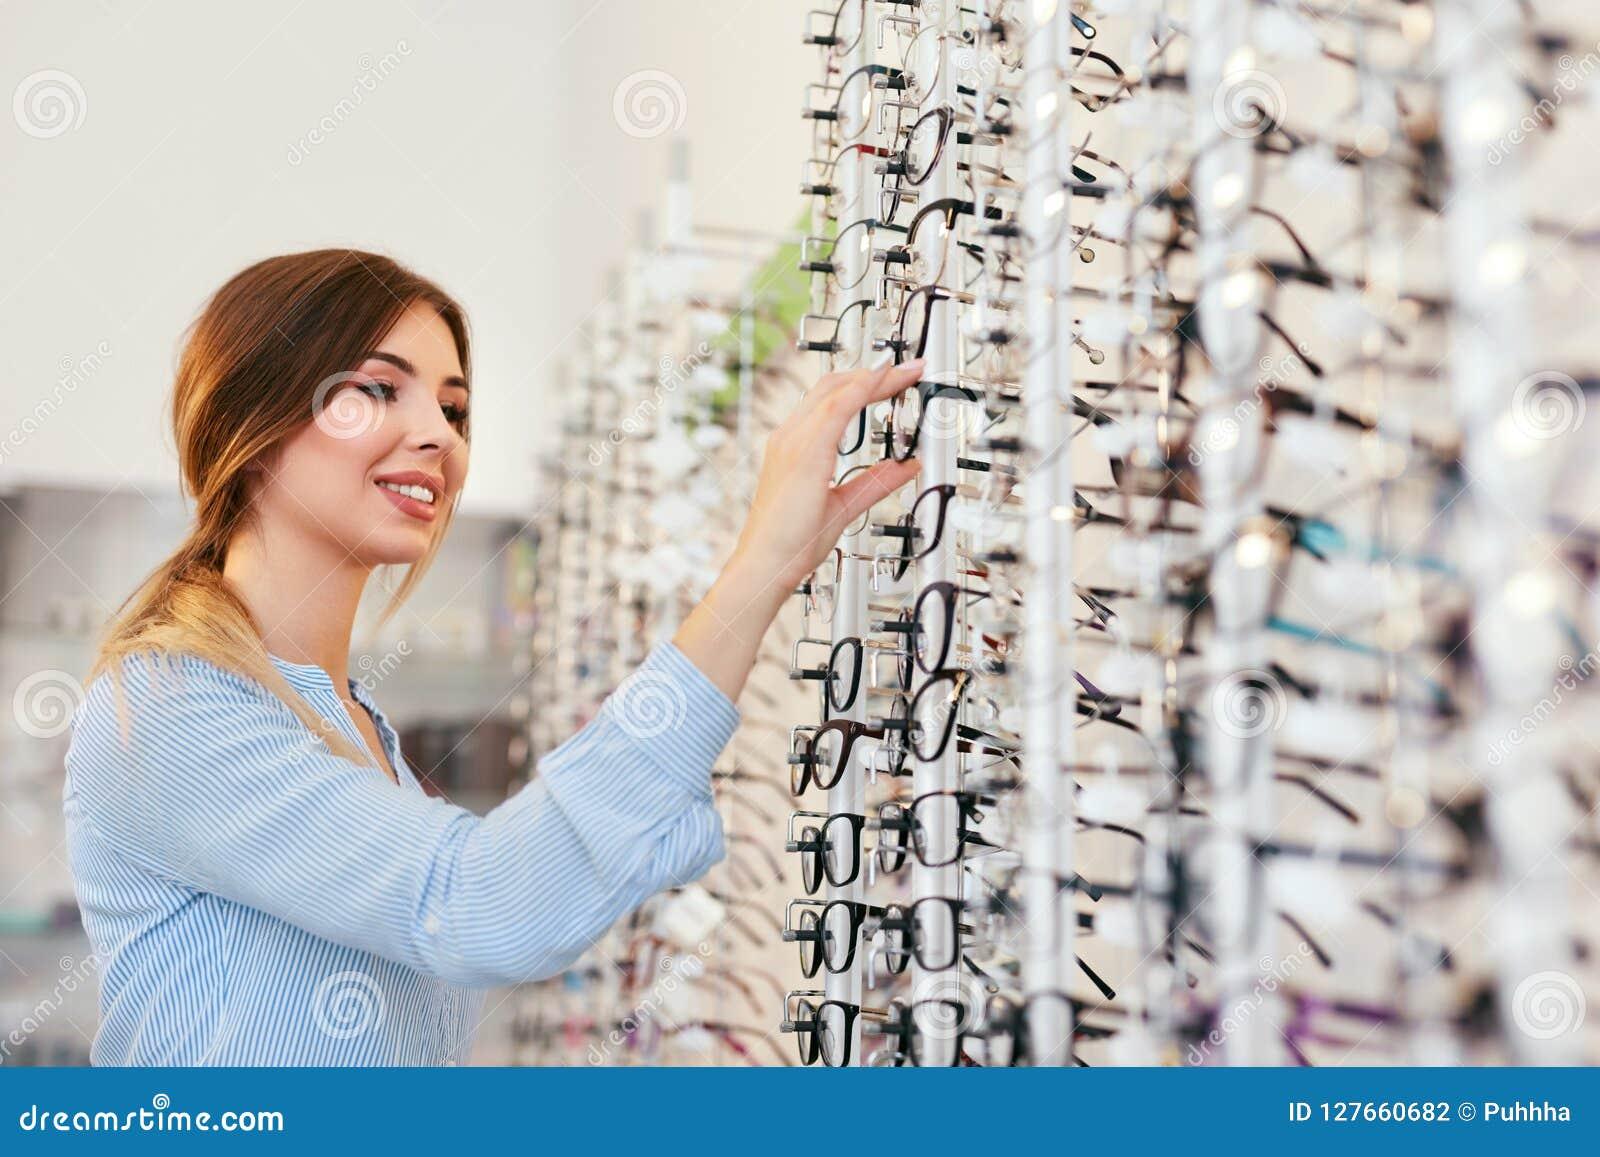 оптически магазин Женщина около витрины ища Eyeglasses